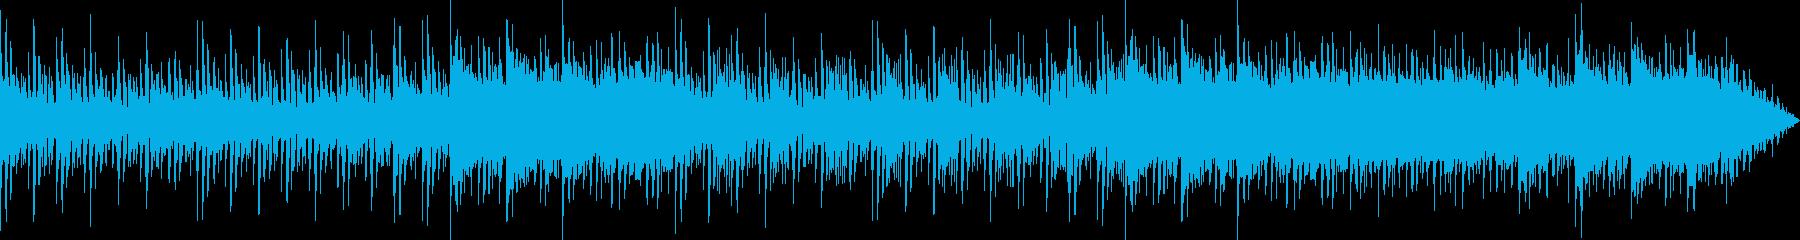 少しトロピカルな感じの曲の再生済みの波形